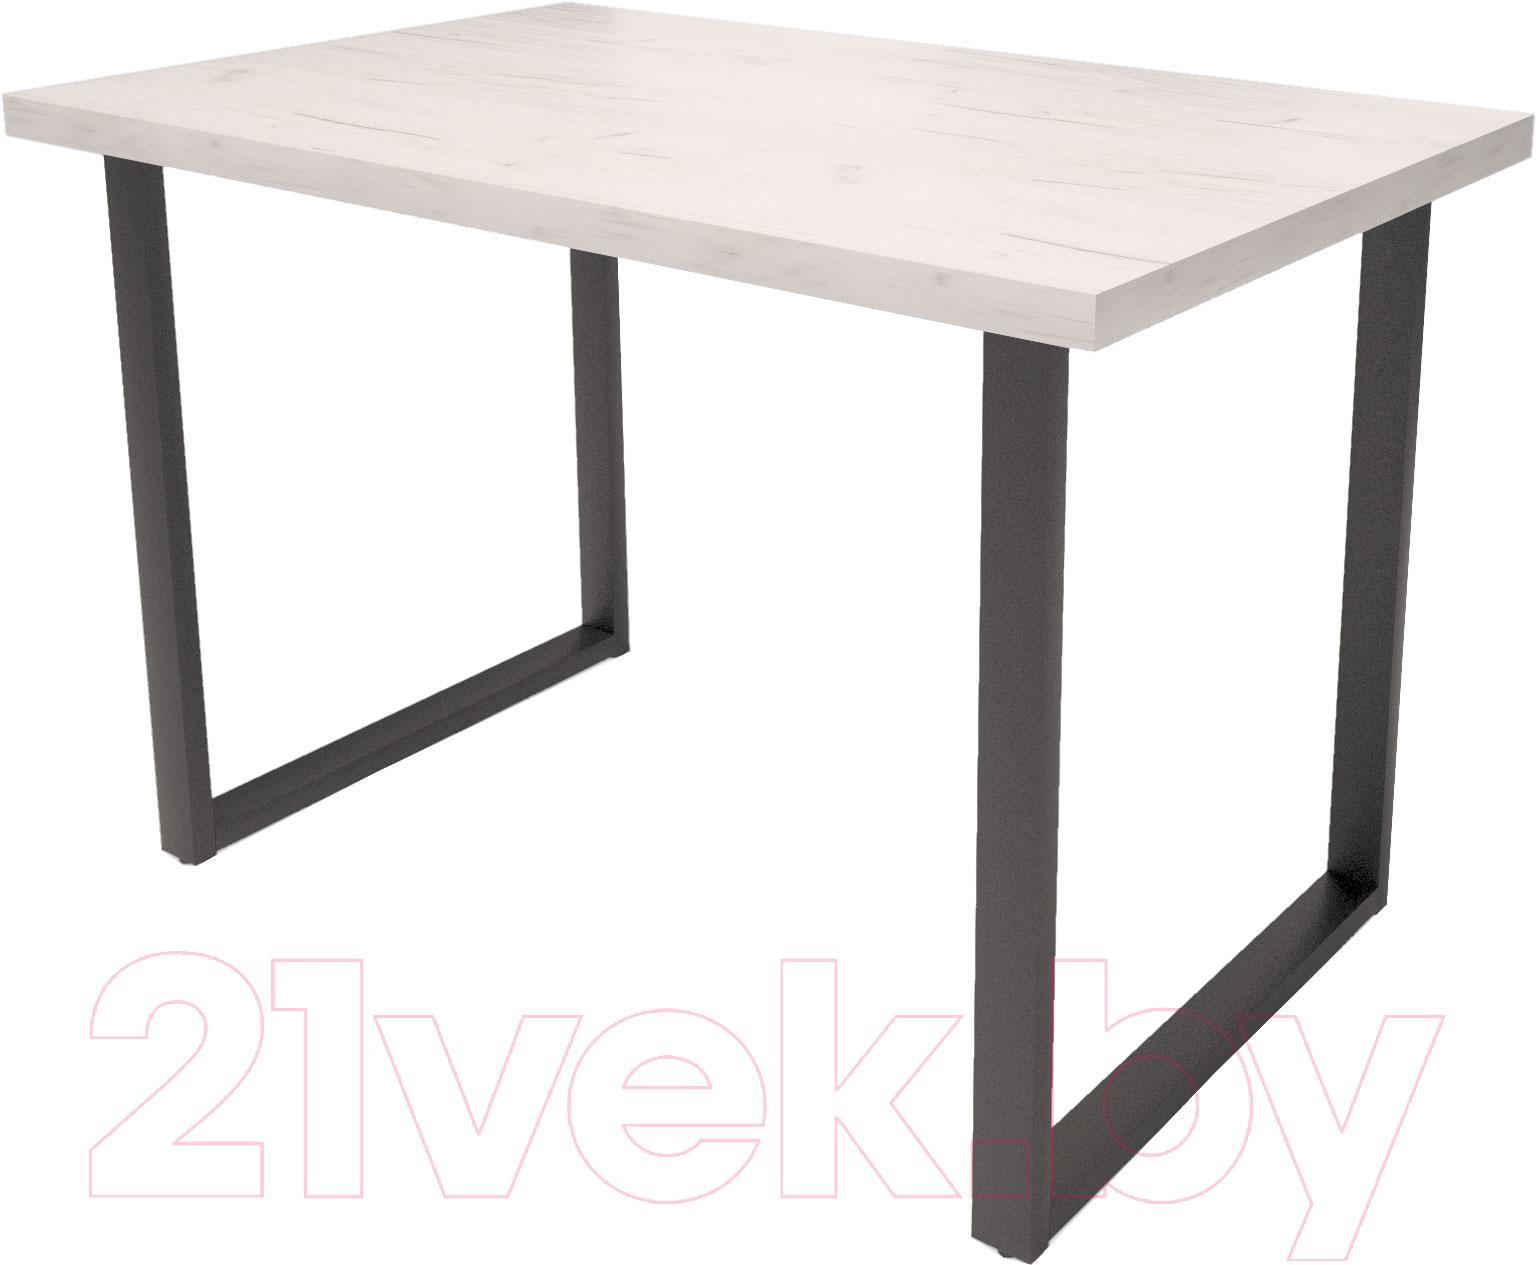 Купить Обеденный стол Millwood, Loft H Light 120x70 (дуб белый Craft/металл черный), Беларусь